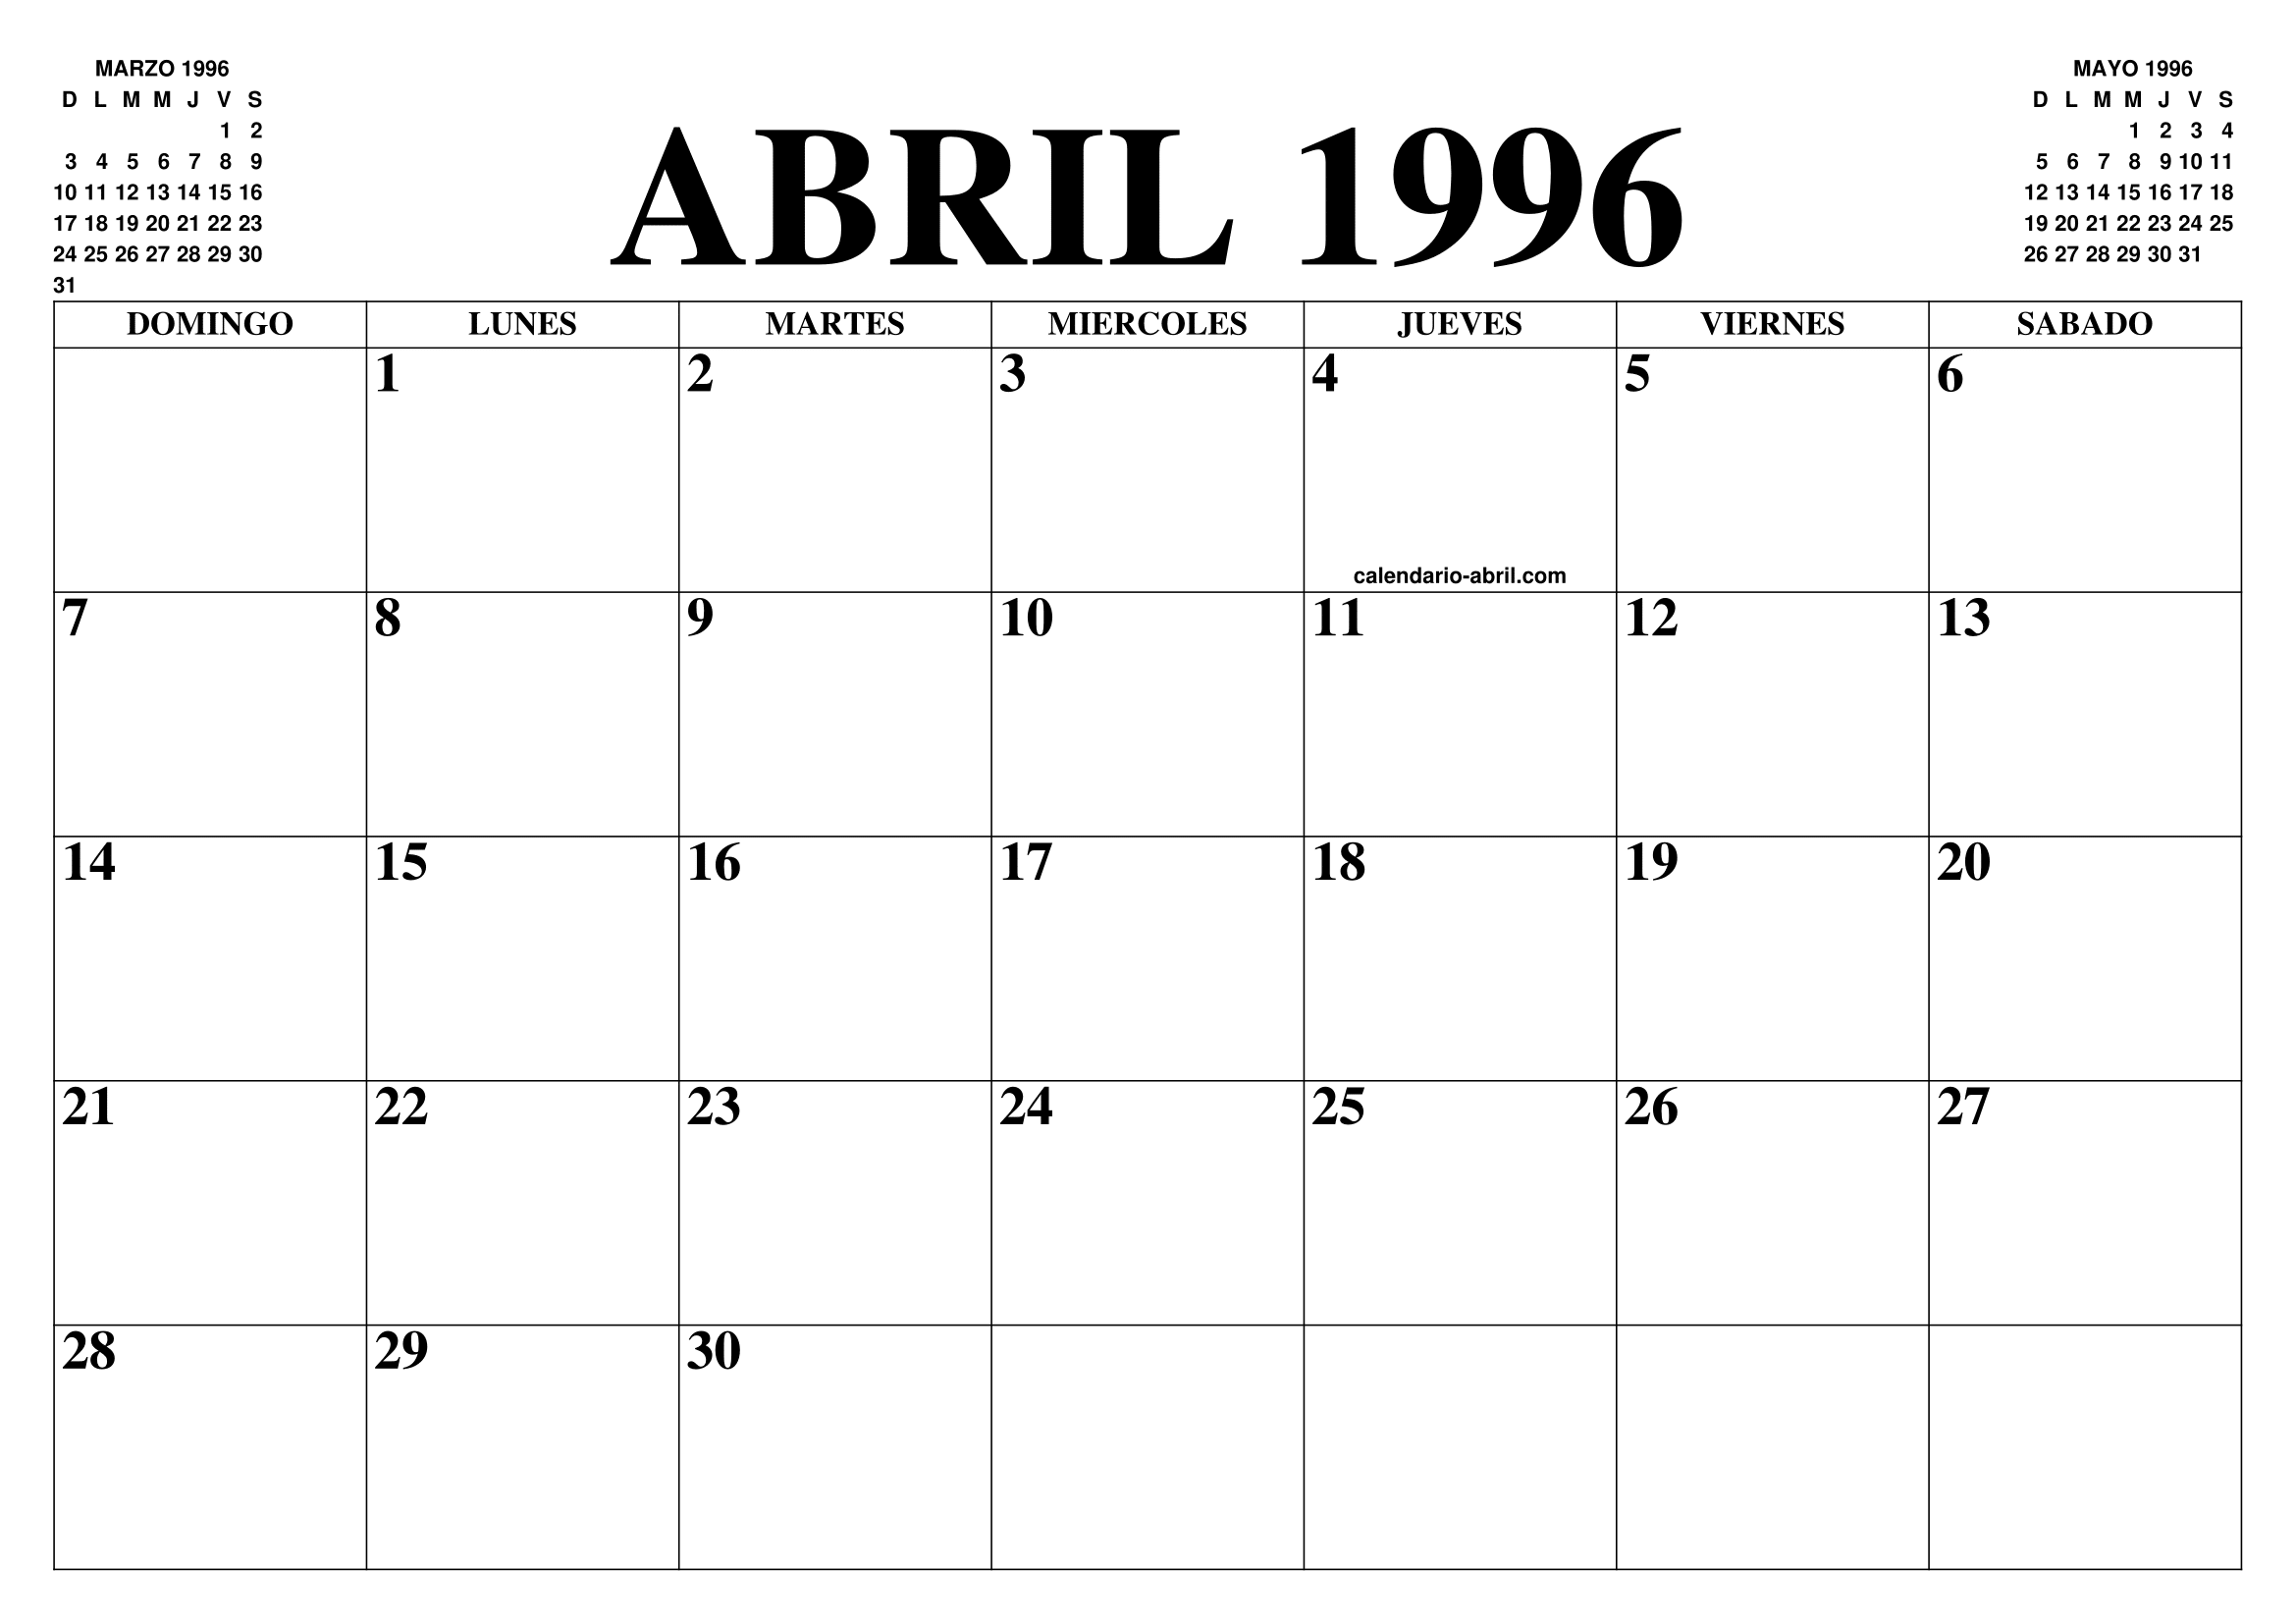 Calendario 1996.Calendario Abril 1996 El Calendario Abril Para Imprimir